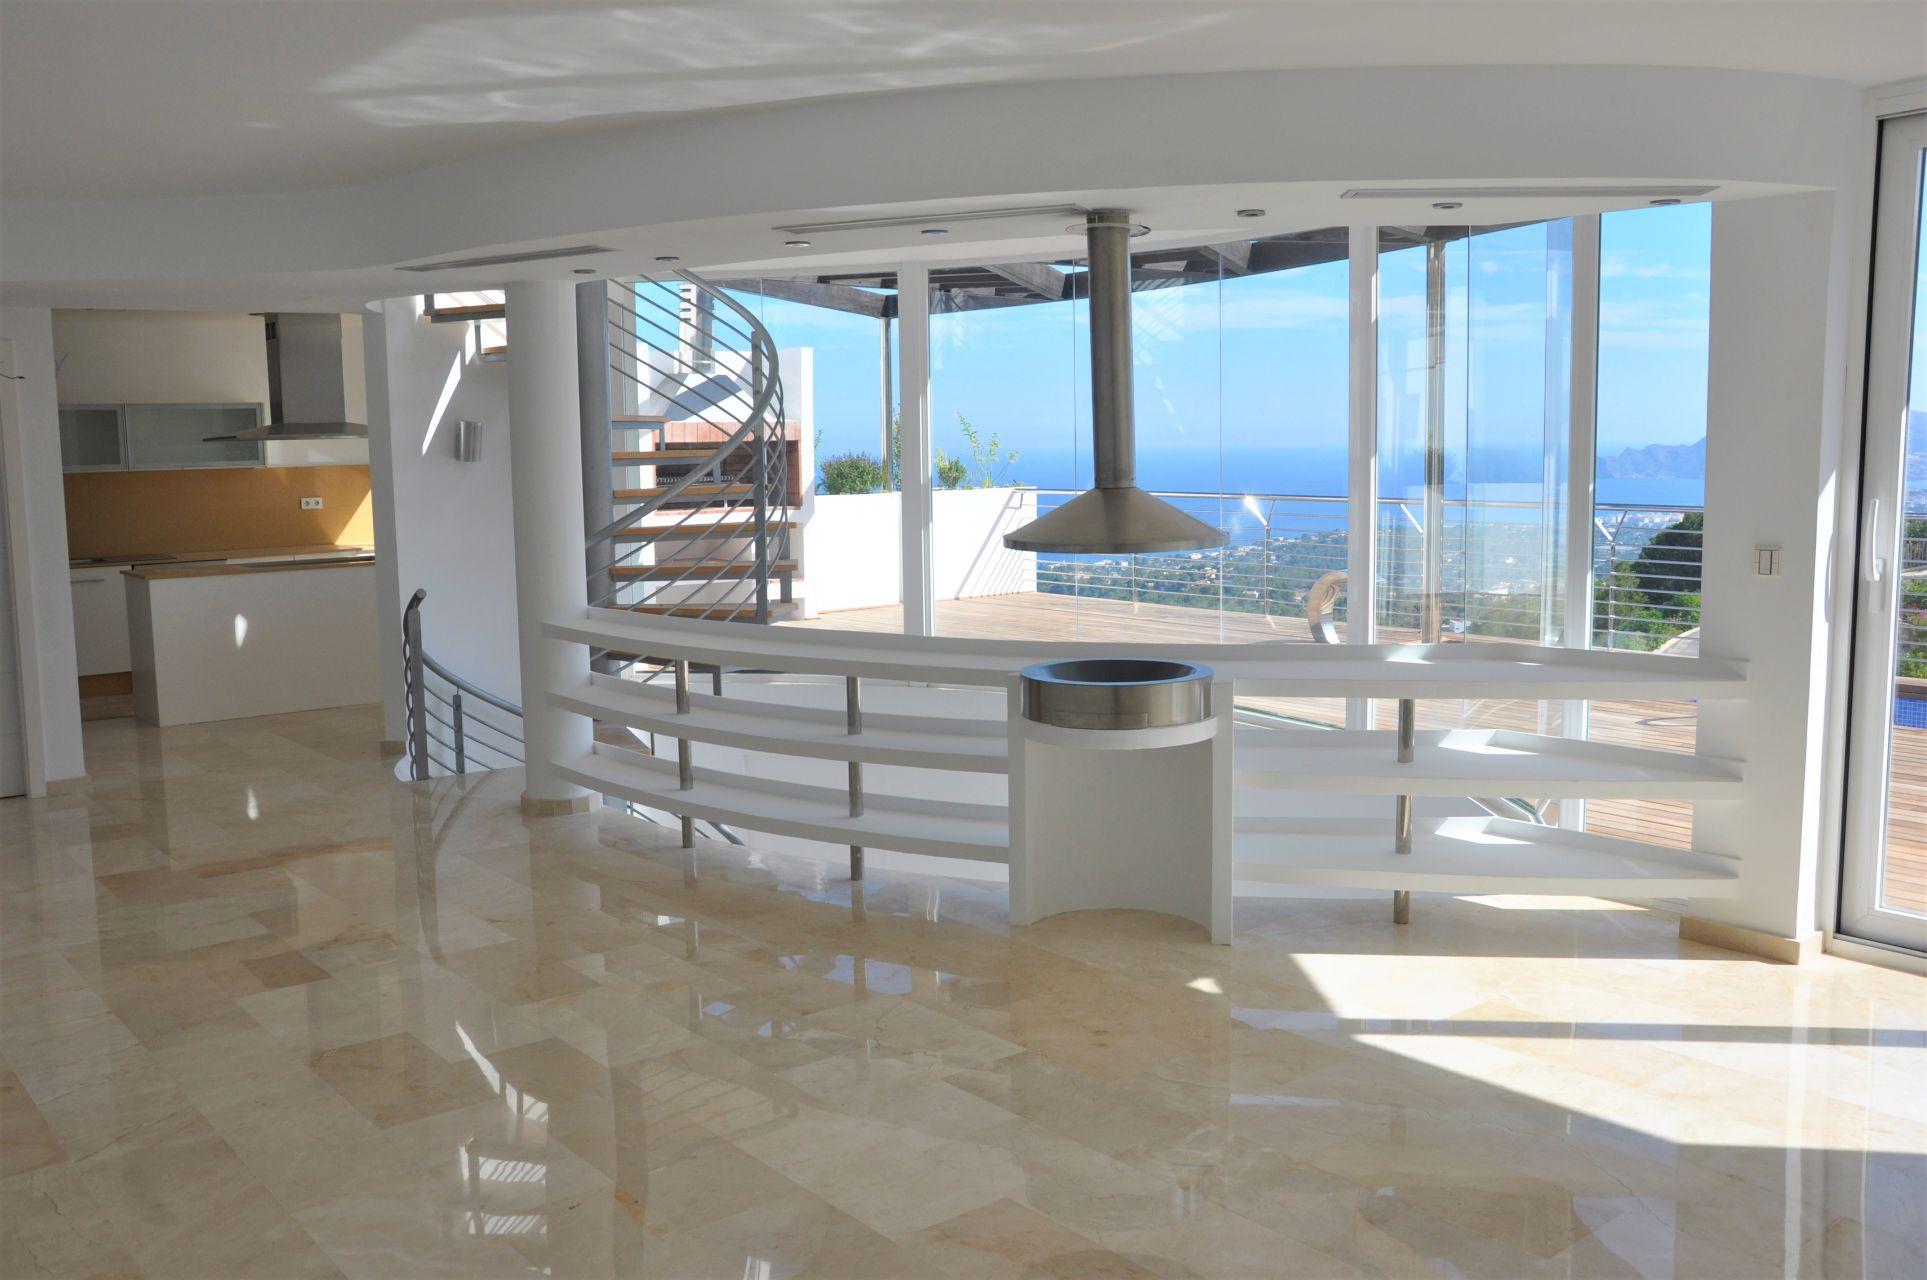 Villas with incredible views to the Mediterranean Sea in Altea 13